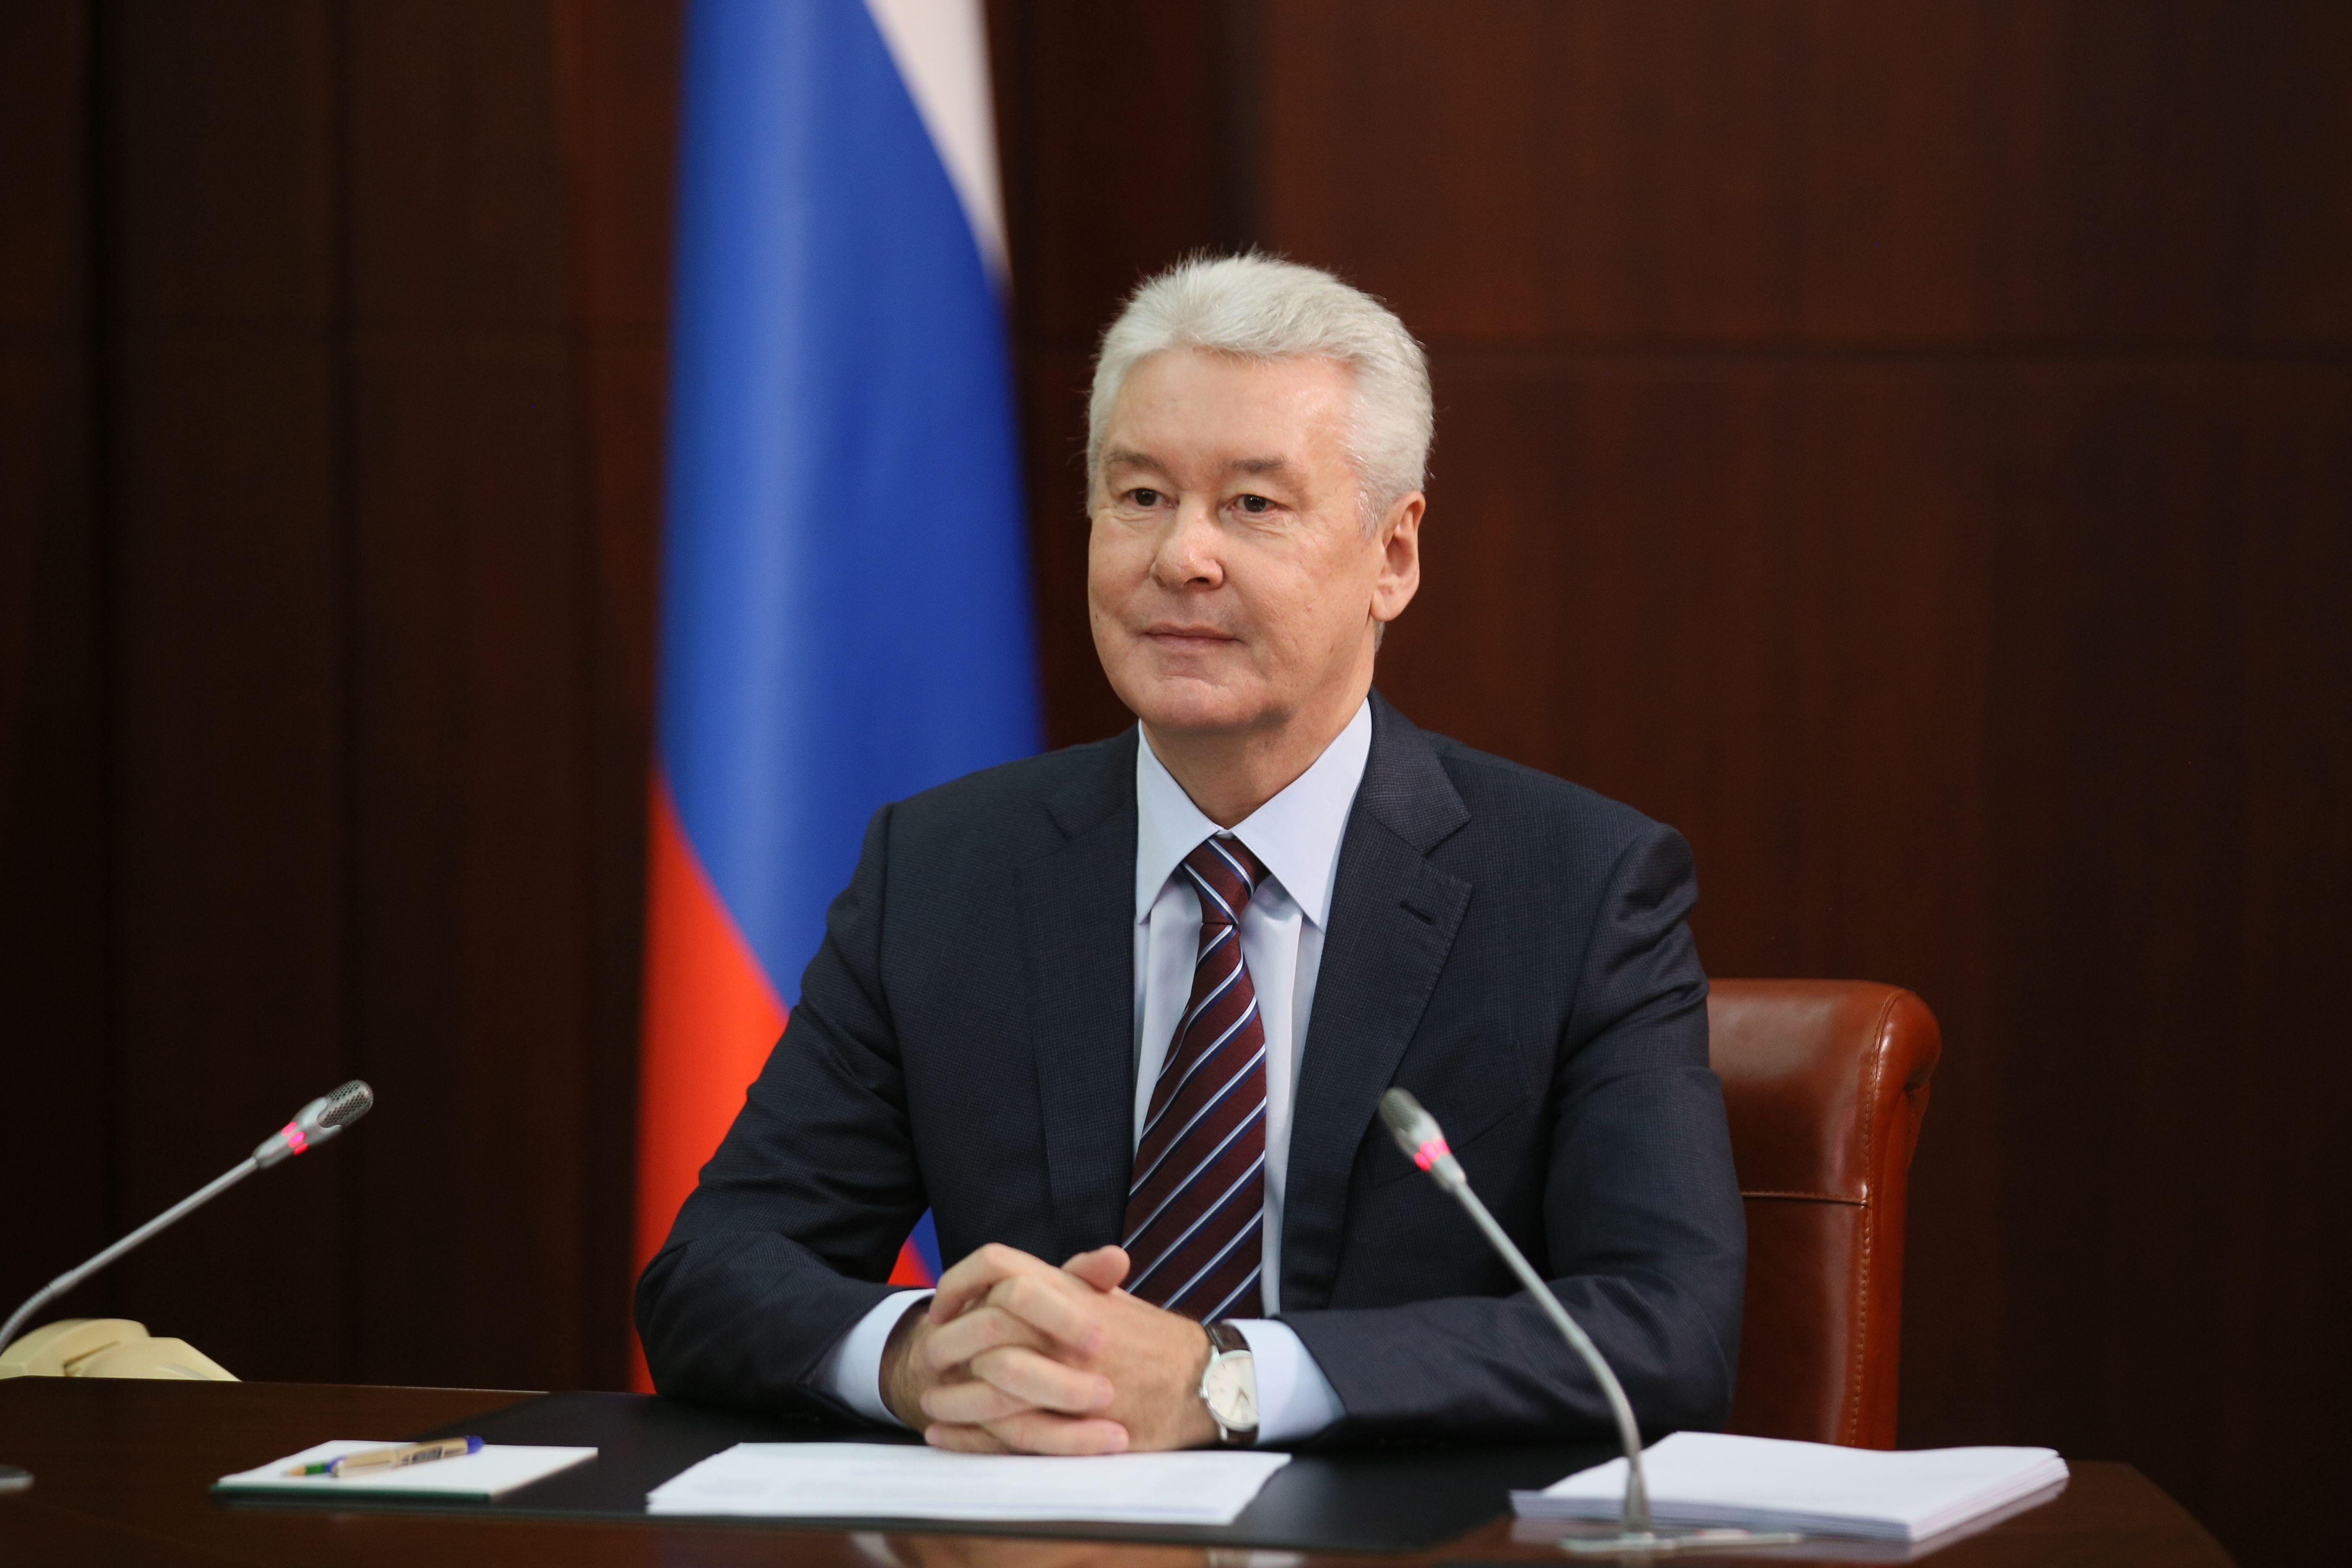 Сергей Собянин рассказал, как москвичей защищают от коронавируса